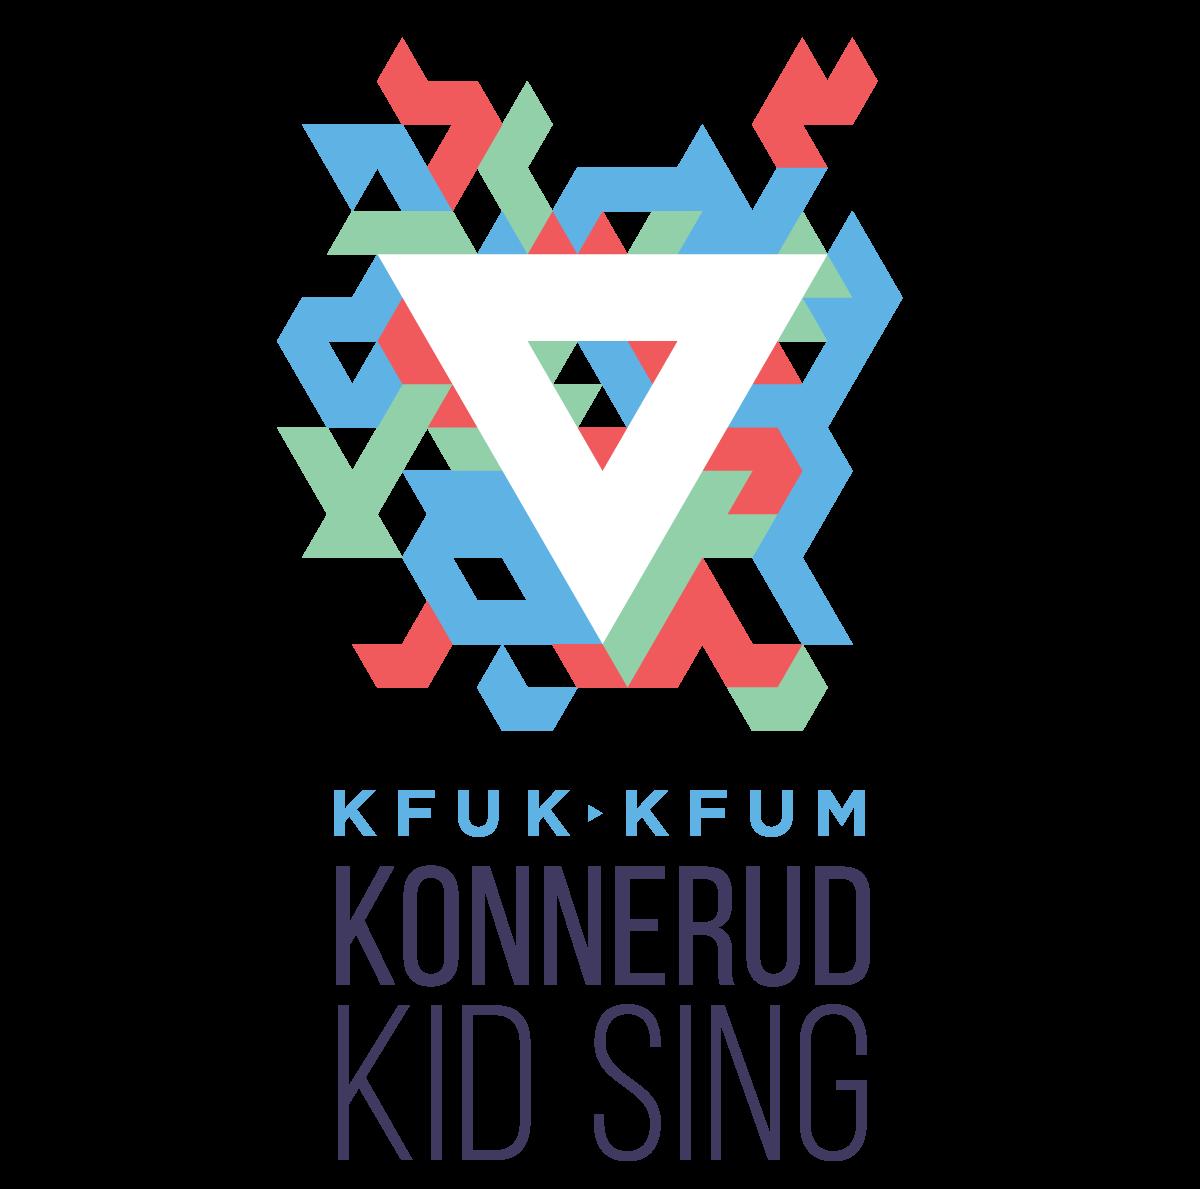 KONNERUD KID SING